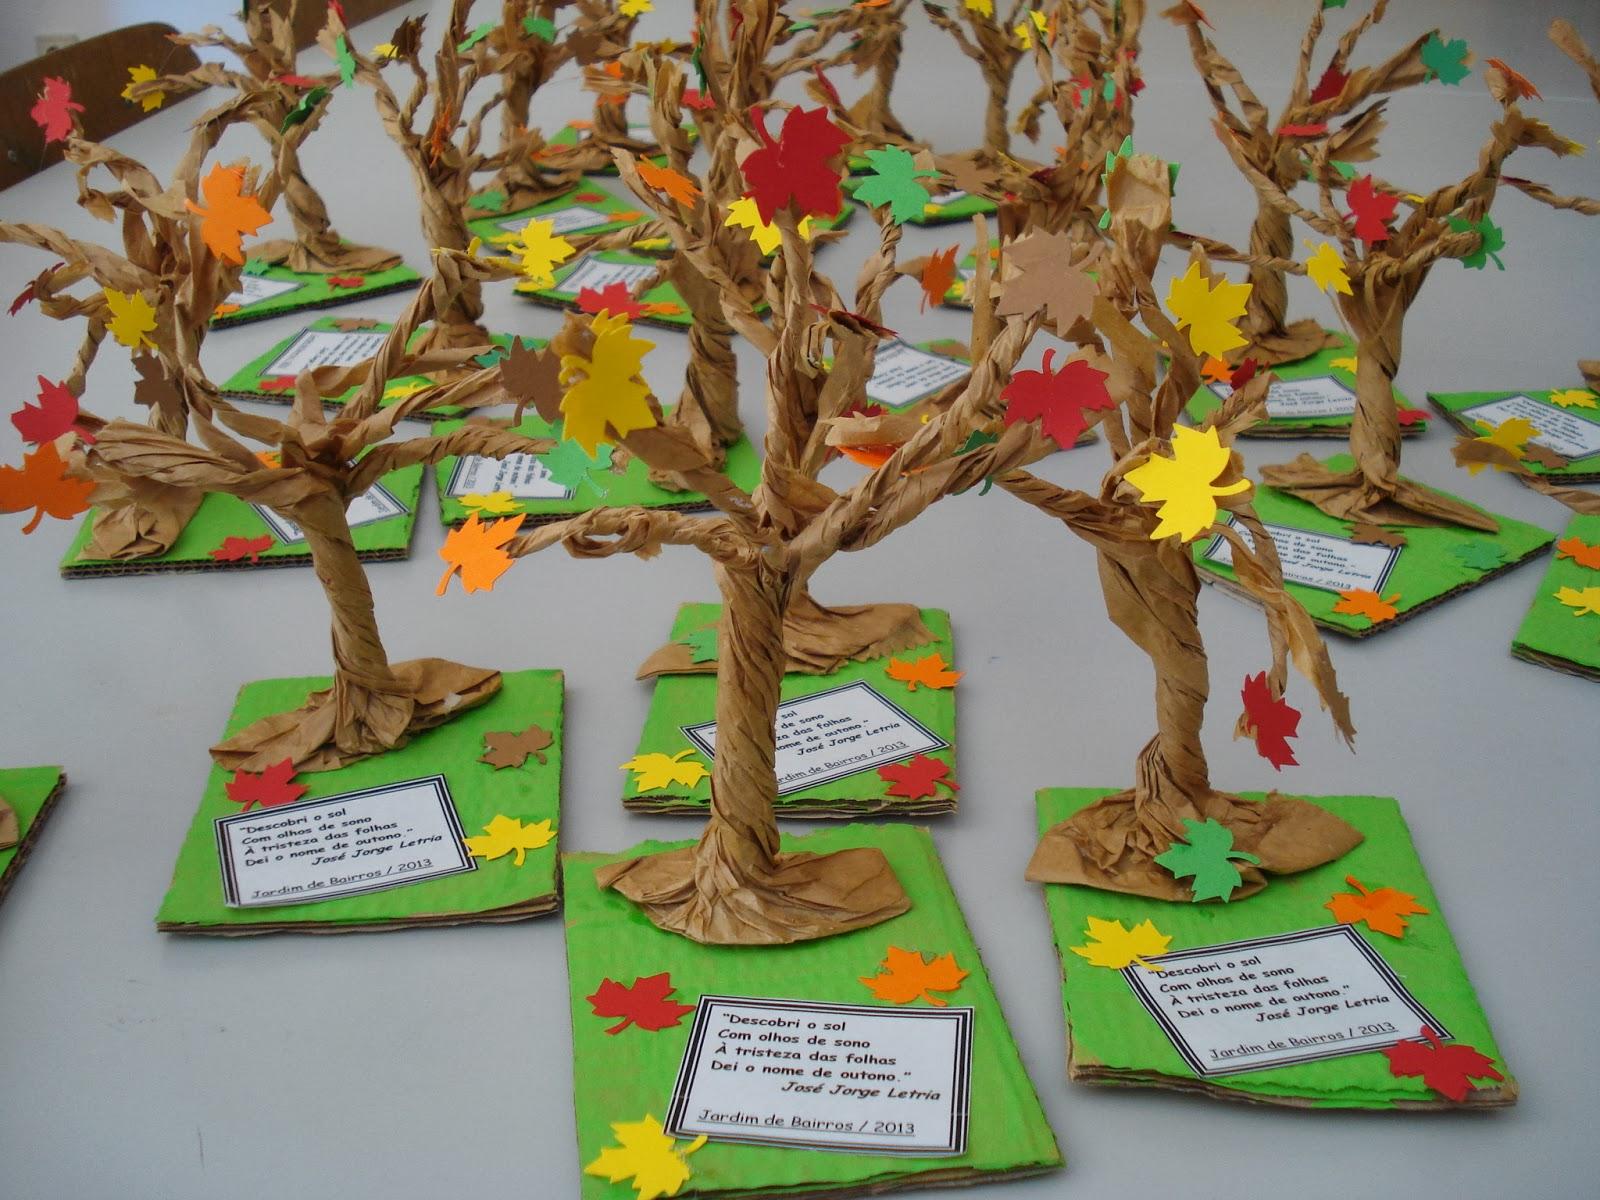 ideias para o outono jardim de infancia : ideias para o outono jardim de infancia:de expressão plástica que as crianças do Jardim de infância de